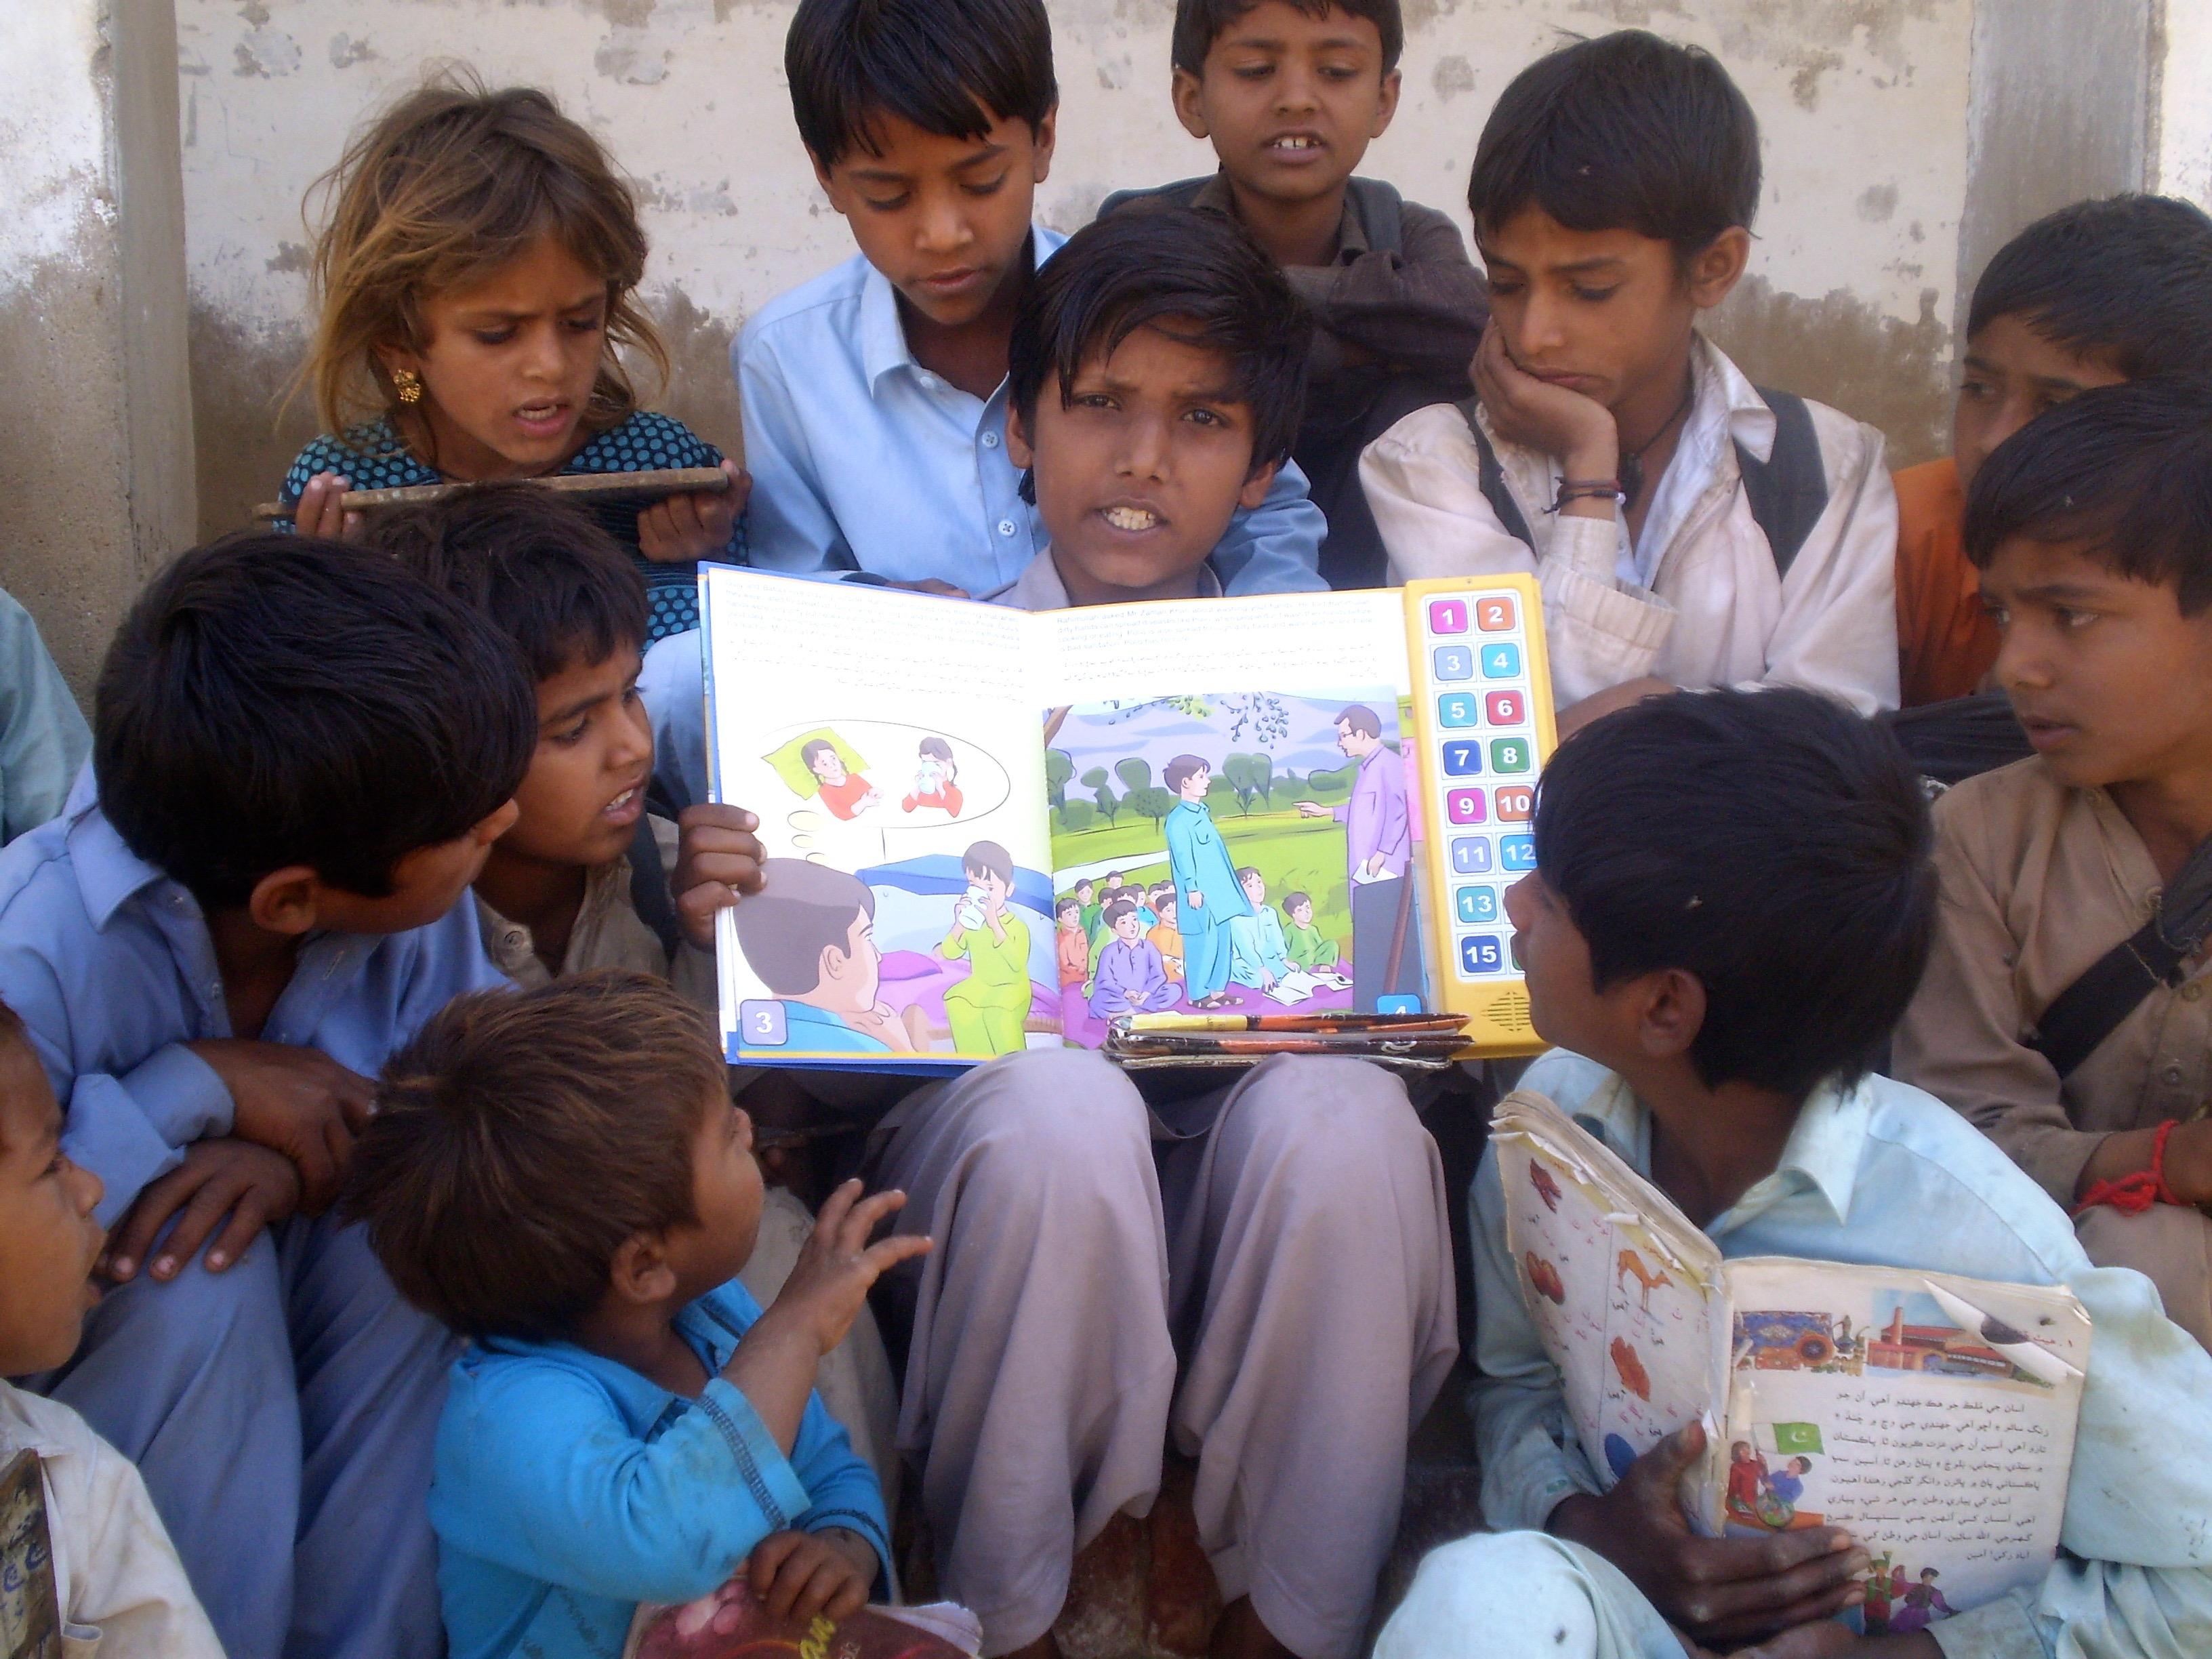 village-children-in-sindh-enjoying-the-speaking-book